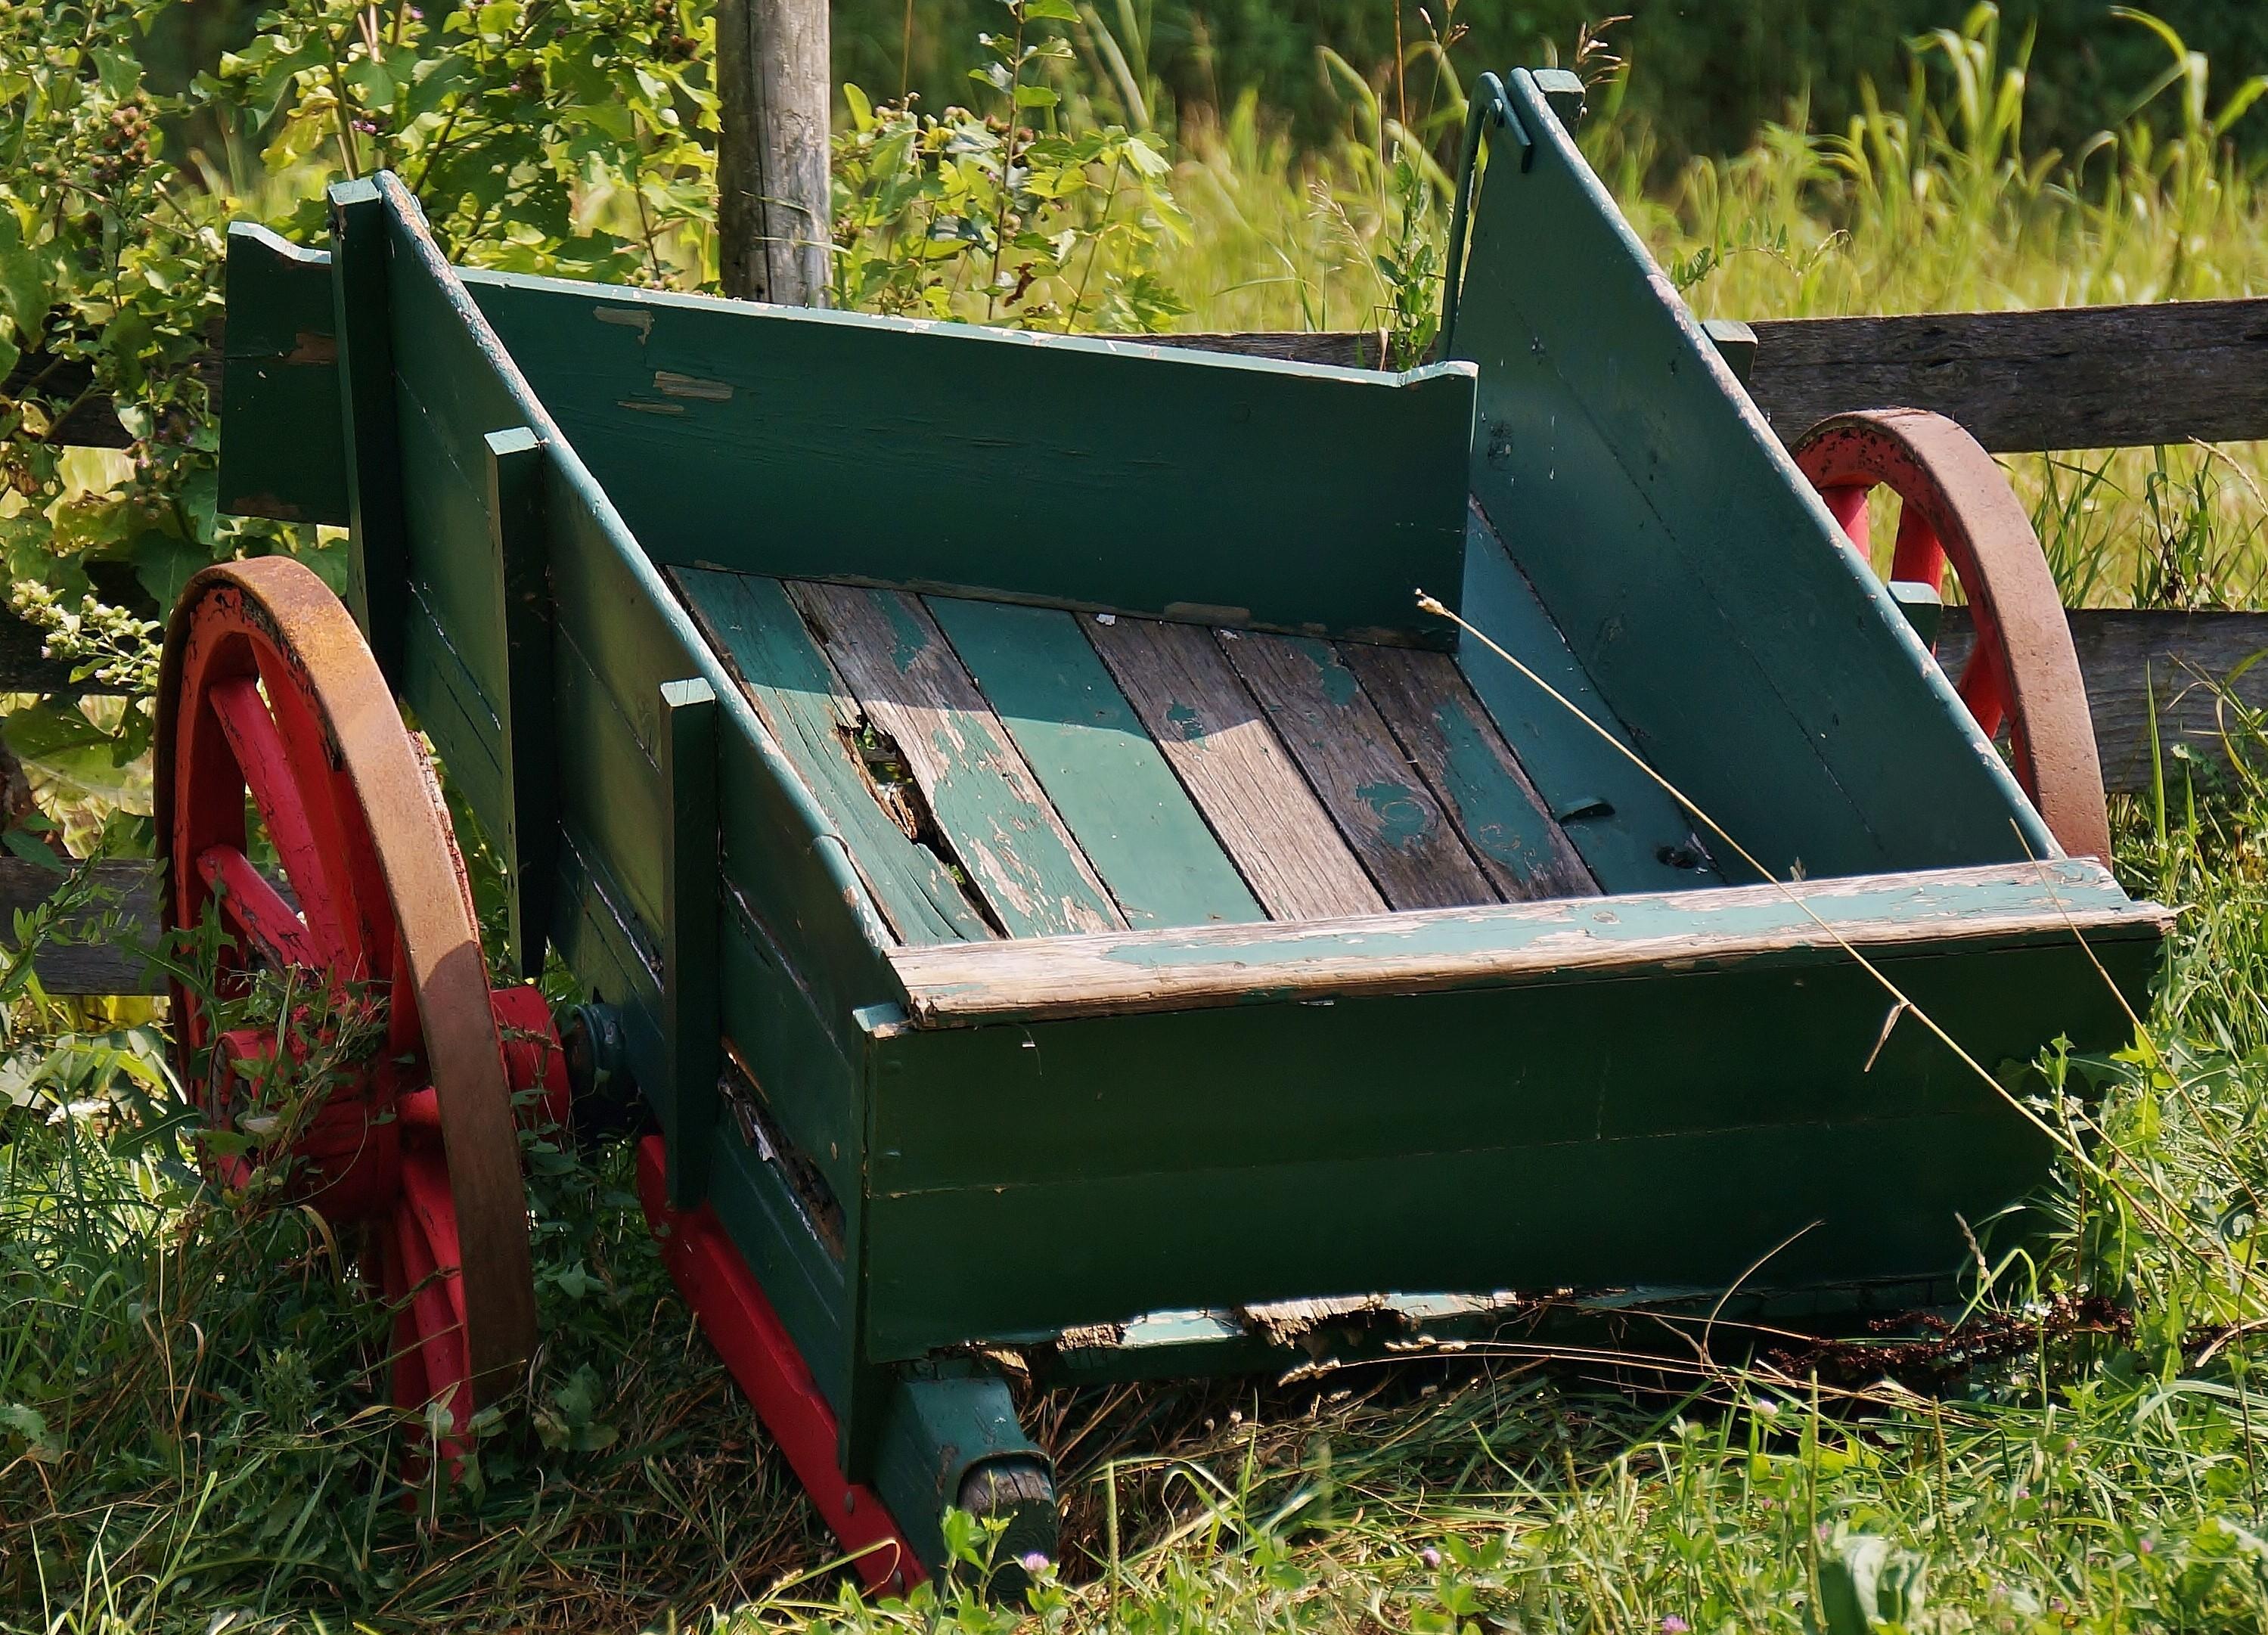 Wagon_080214